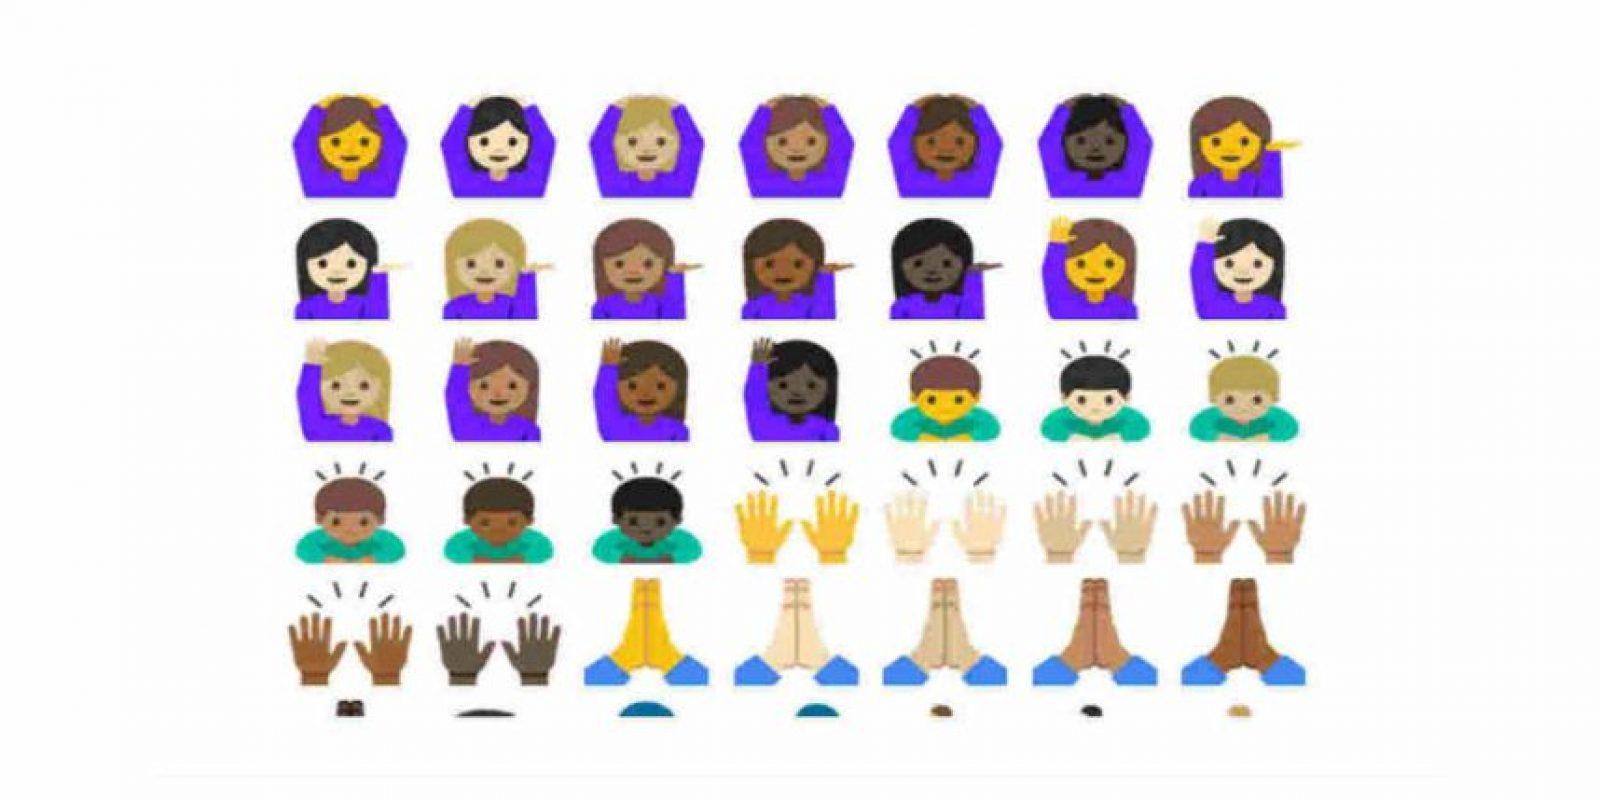 Y más humanos. Foto:Emojipedia